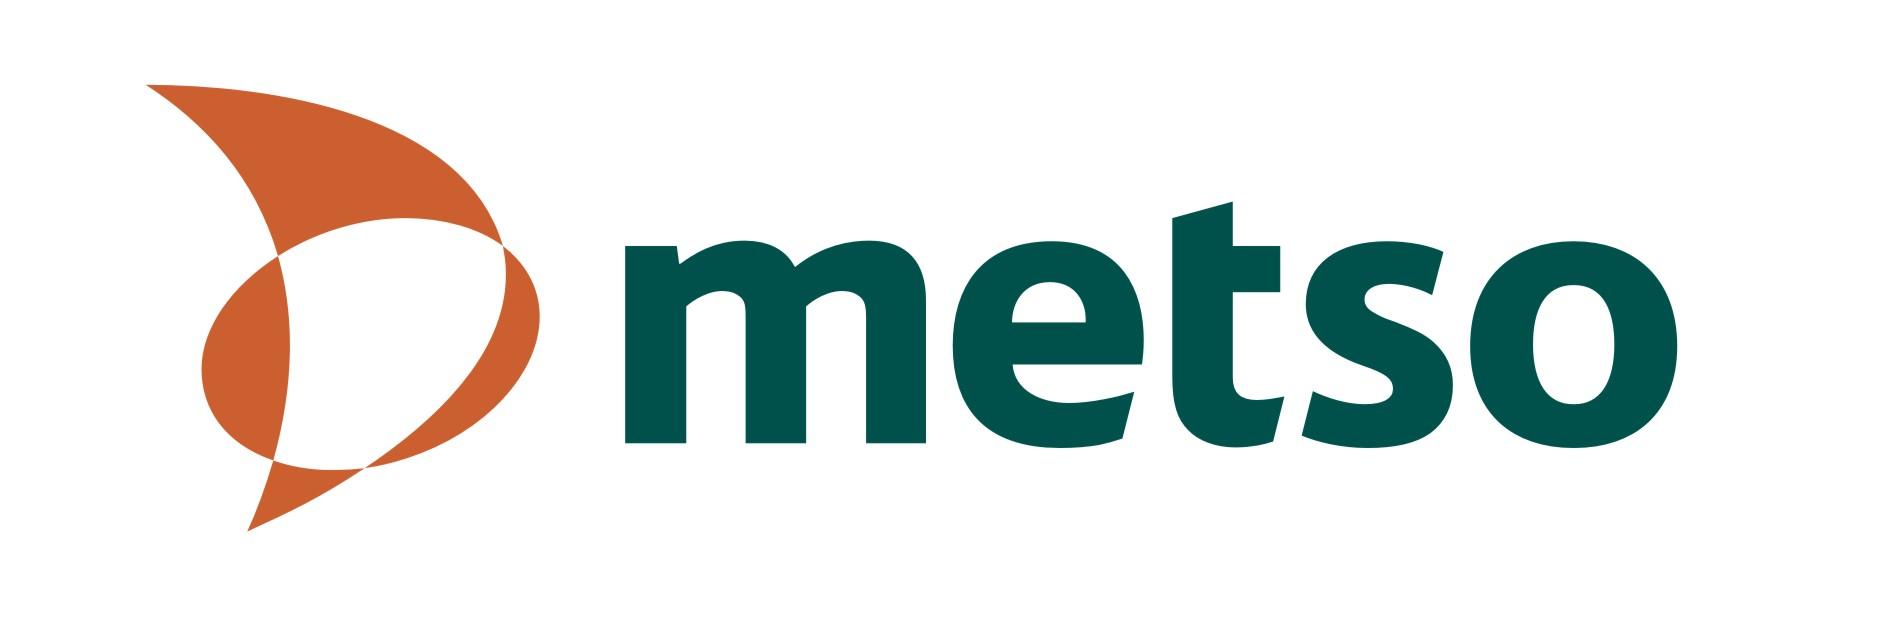 Brazil Lines Mudanças - Metso